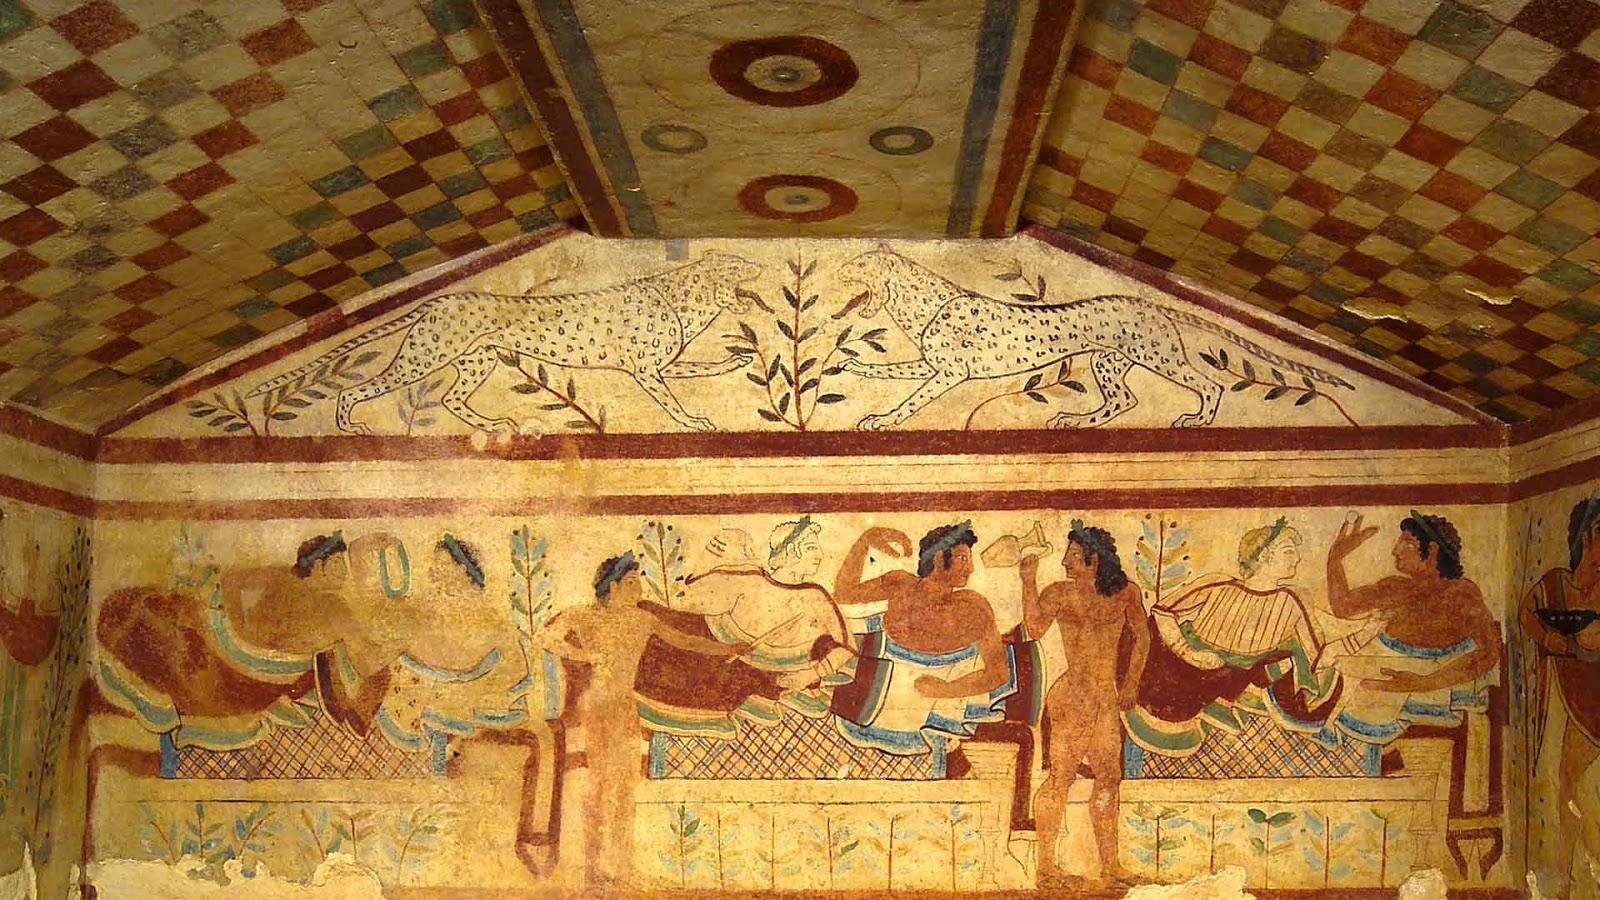 Il Mistero degli Etruschi - Escursione alla Necropoli Etrusca Domenica 14/10/18, h 9.00 rientro a Roma h 19.30 ca.